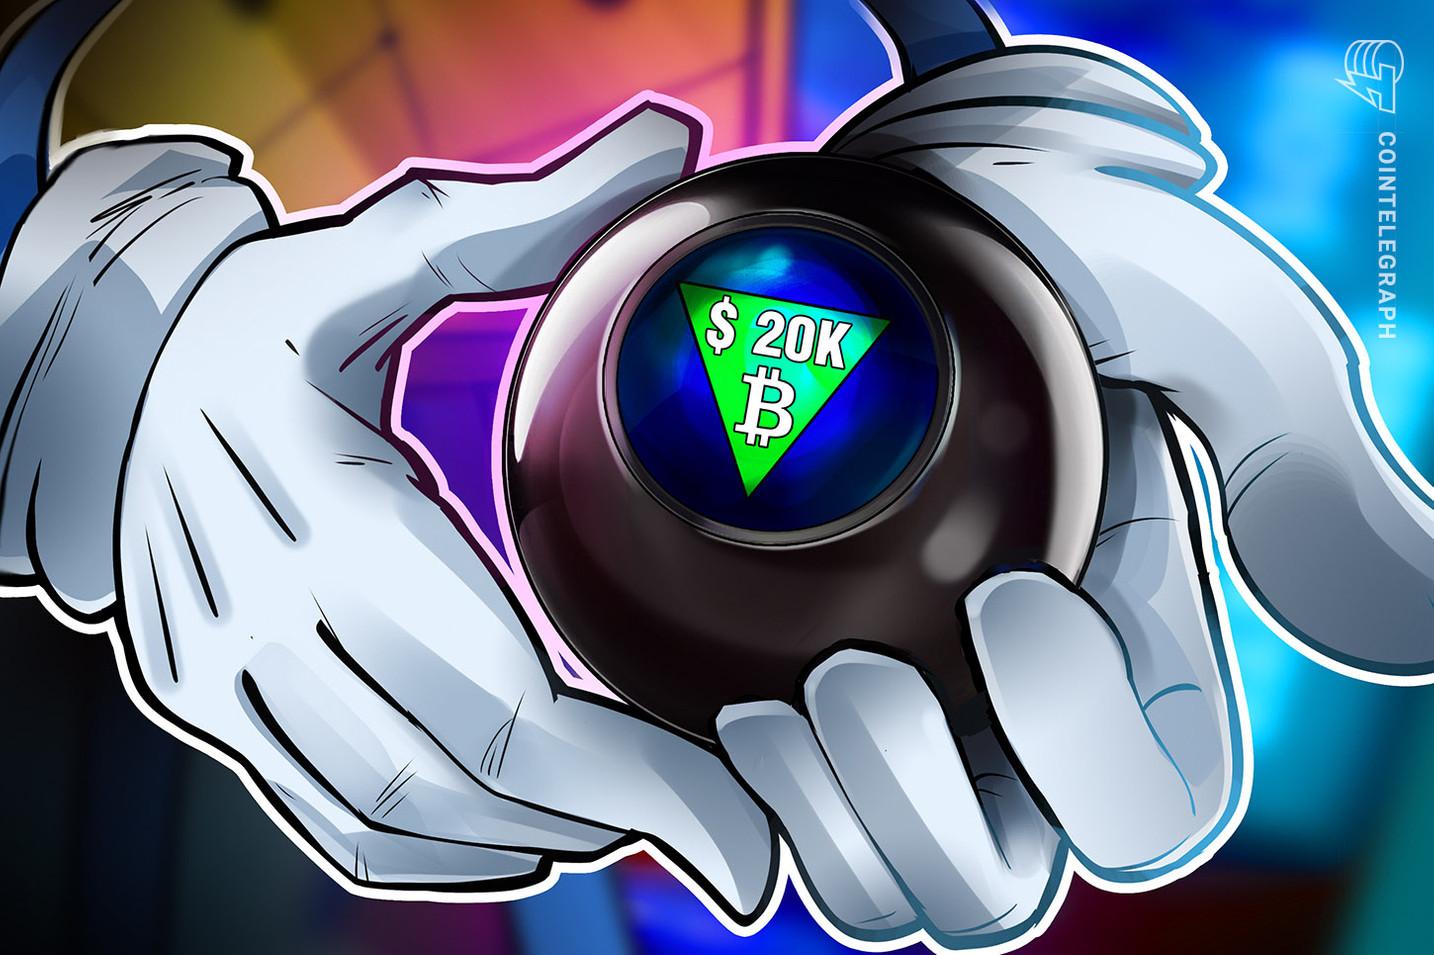 El precio de Bitcoin supera los 18.8K dólares mientras los bajistas y alcistas trazan el porvenir